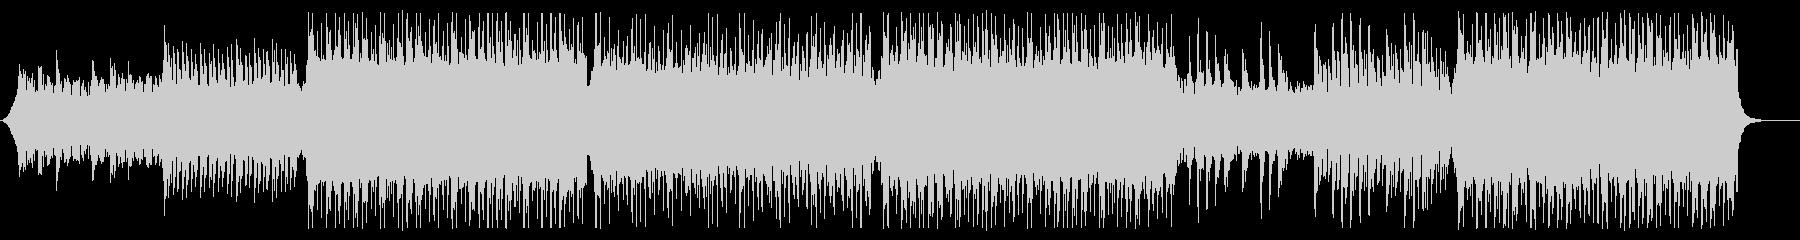 ギターリフがリードするコーポレート曲の未再生の波形